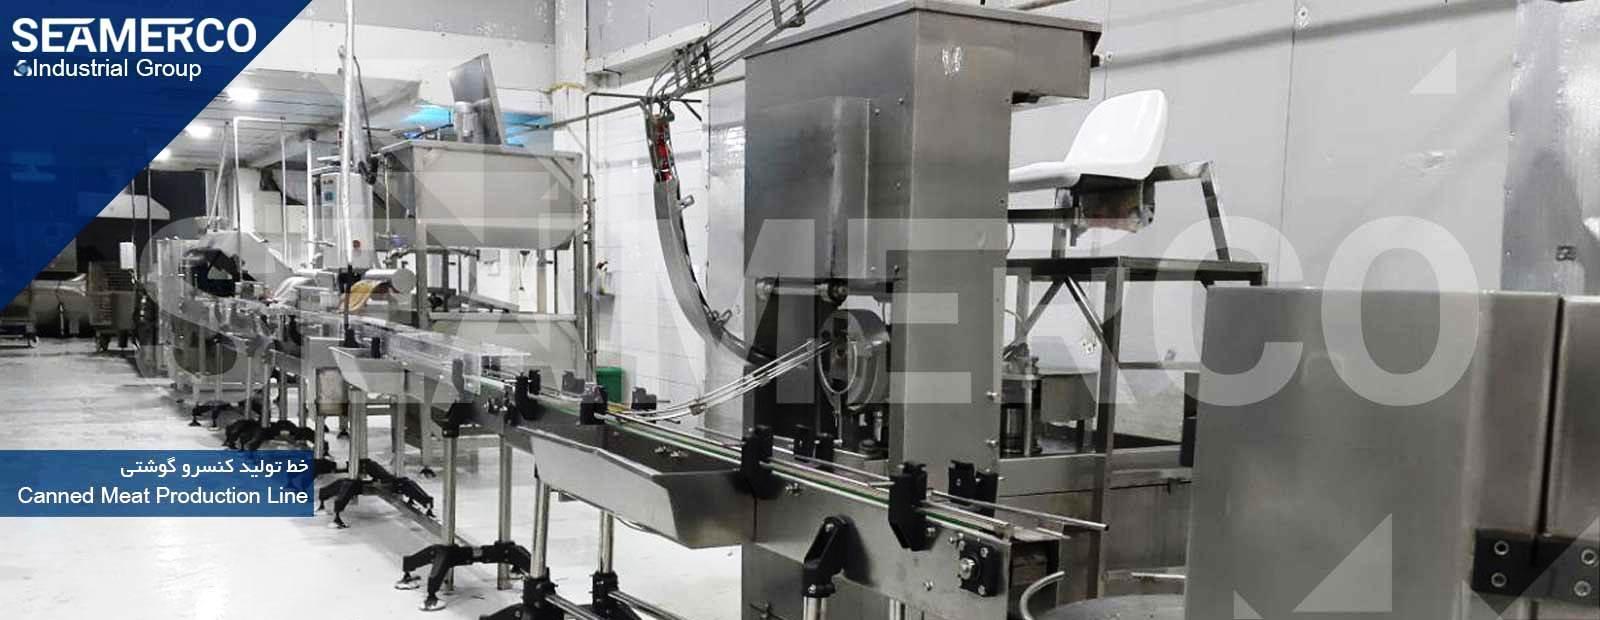 خط تولید کنسرو گوشتی